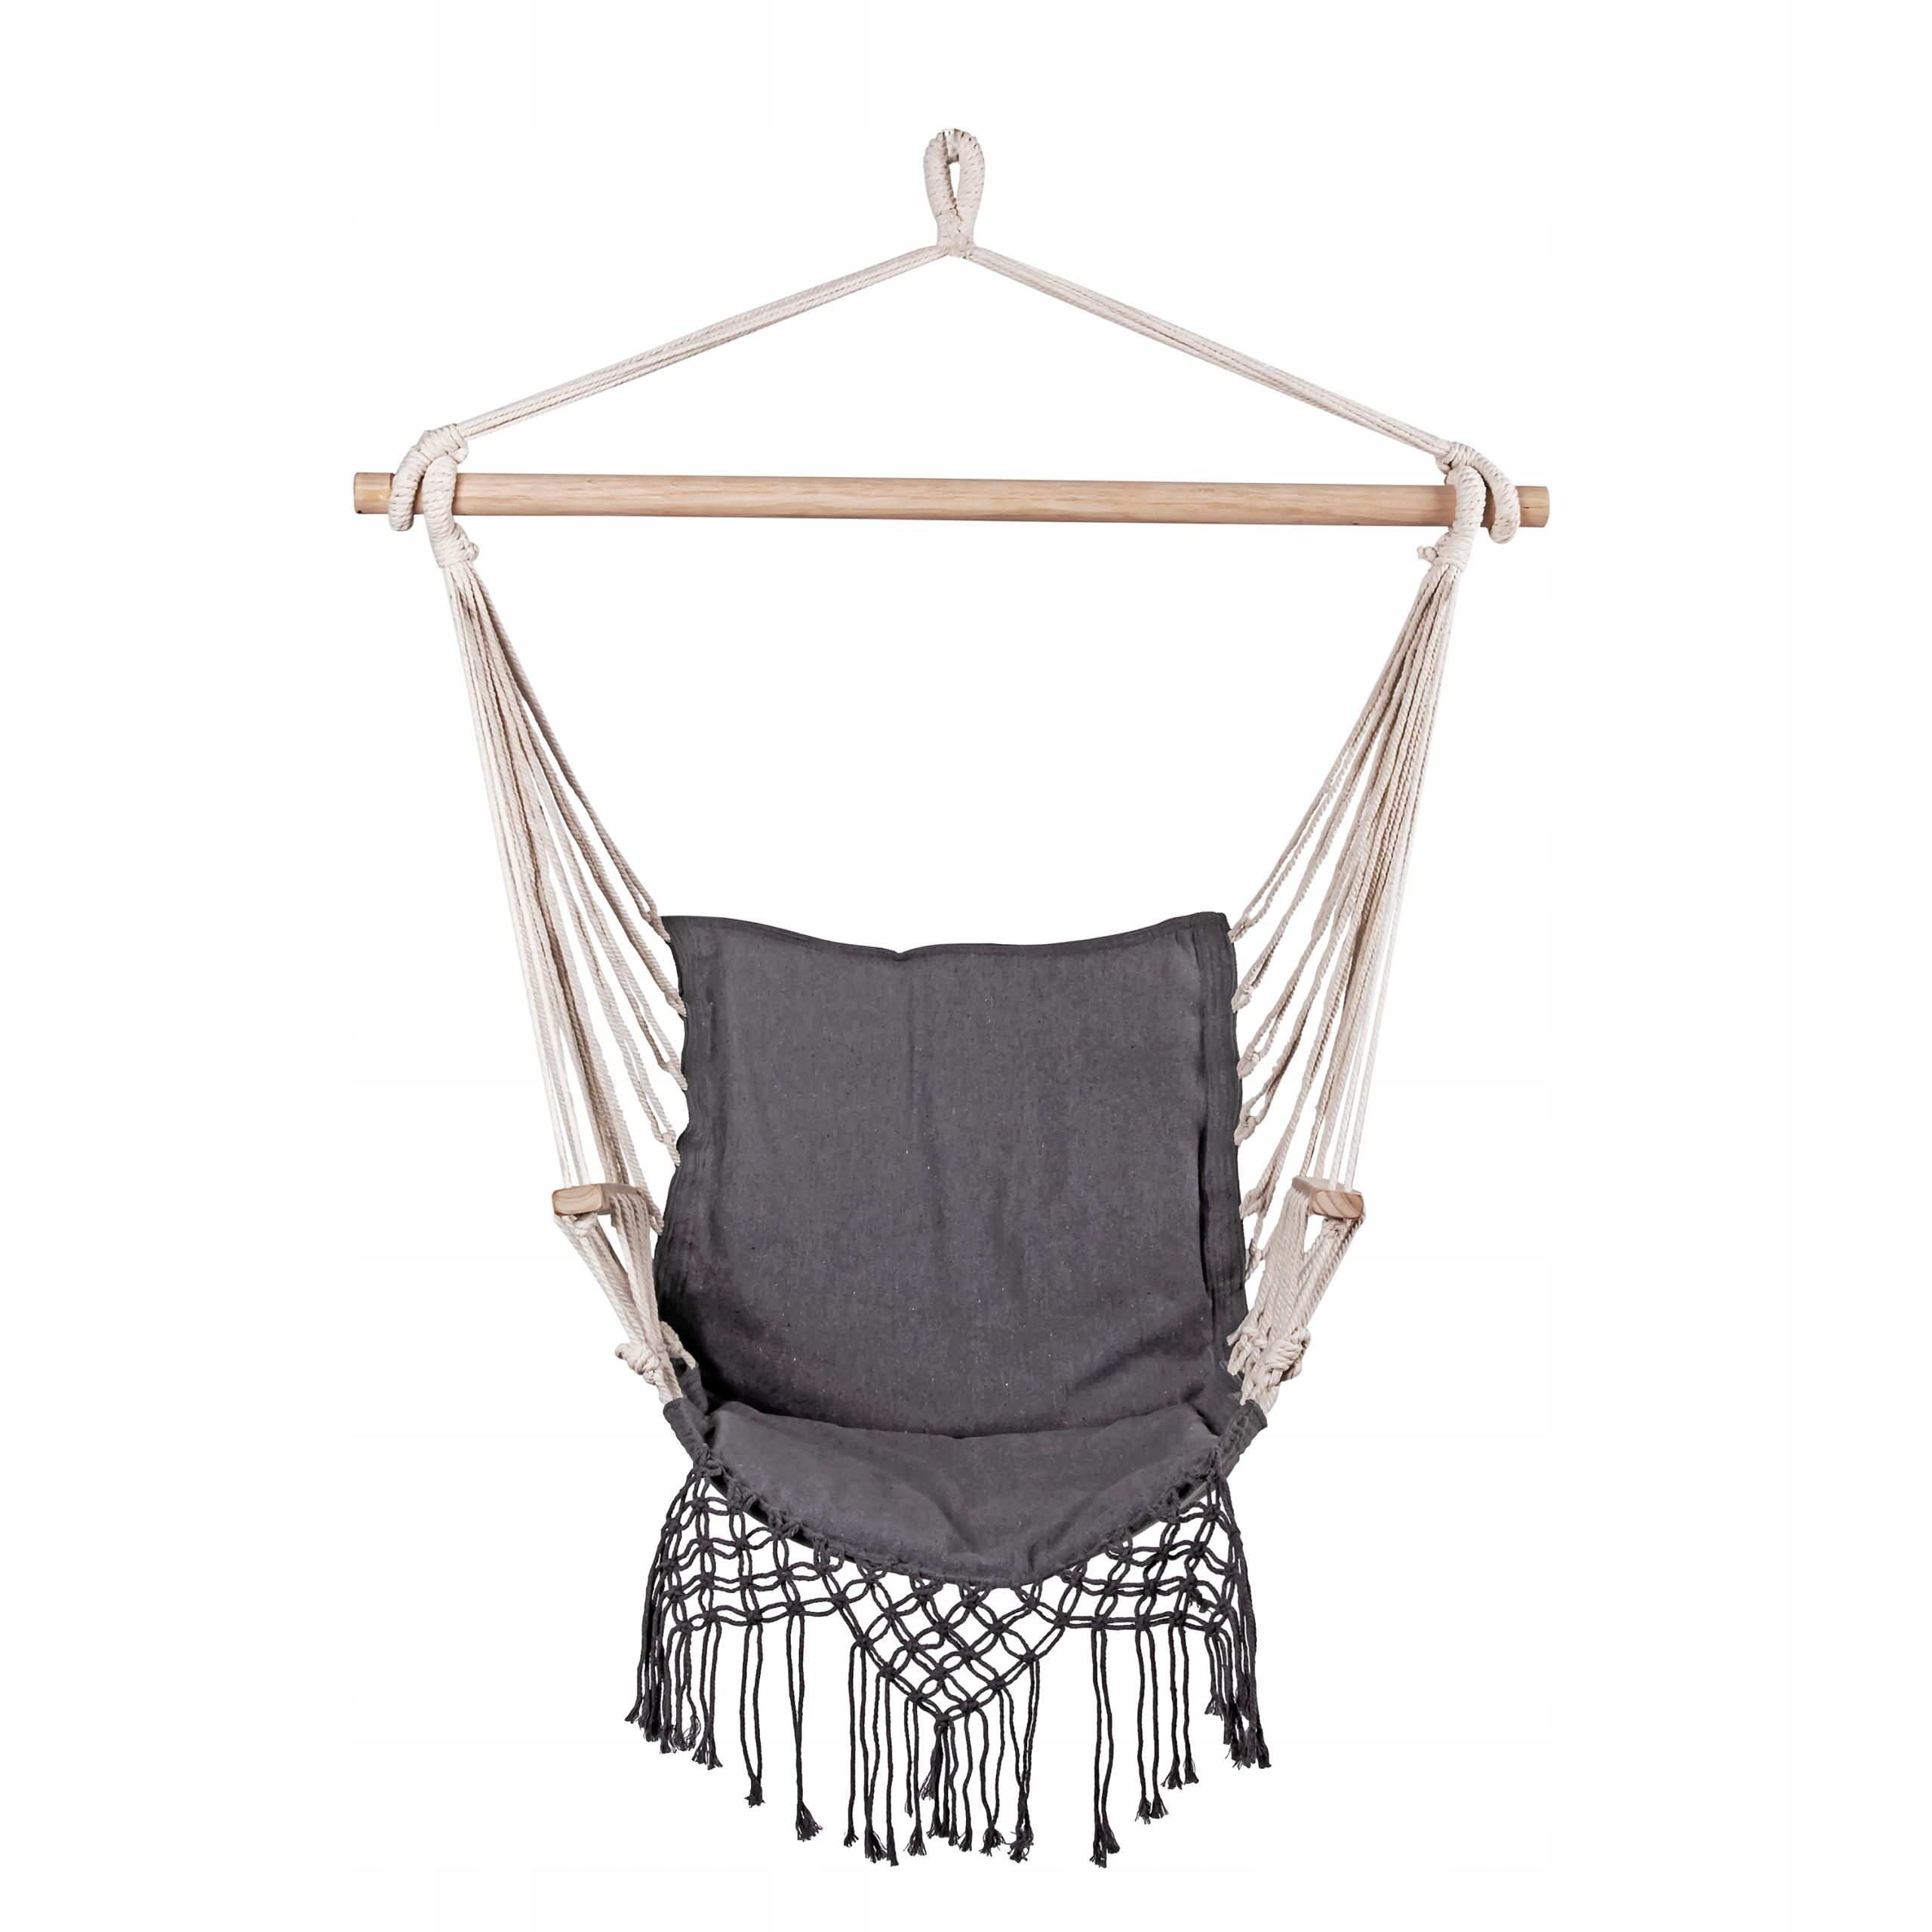 Krzesło wiszące BRAZYLIJSKIE HAMAK huśtawka COSTA EAN 5902340248942